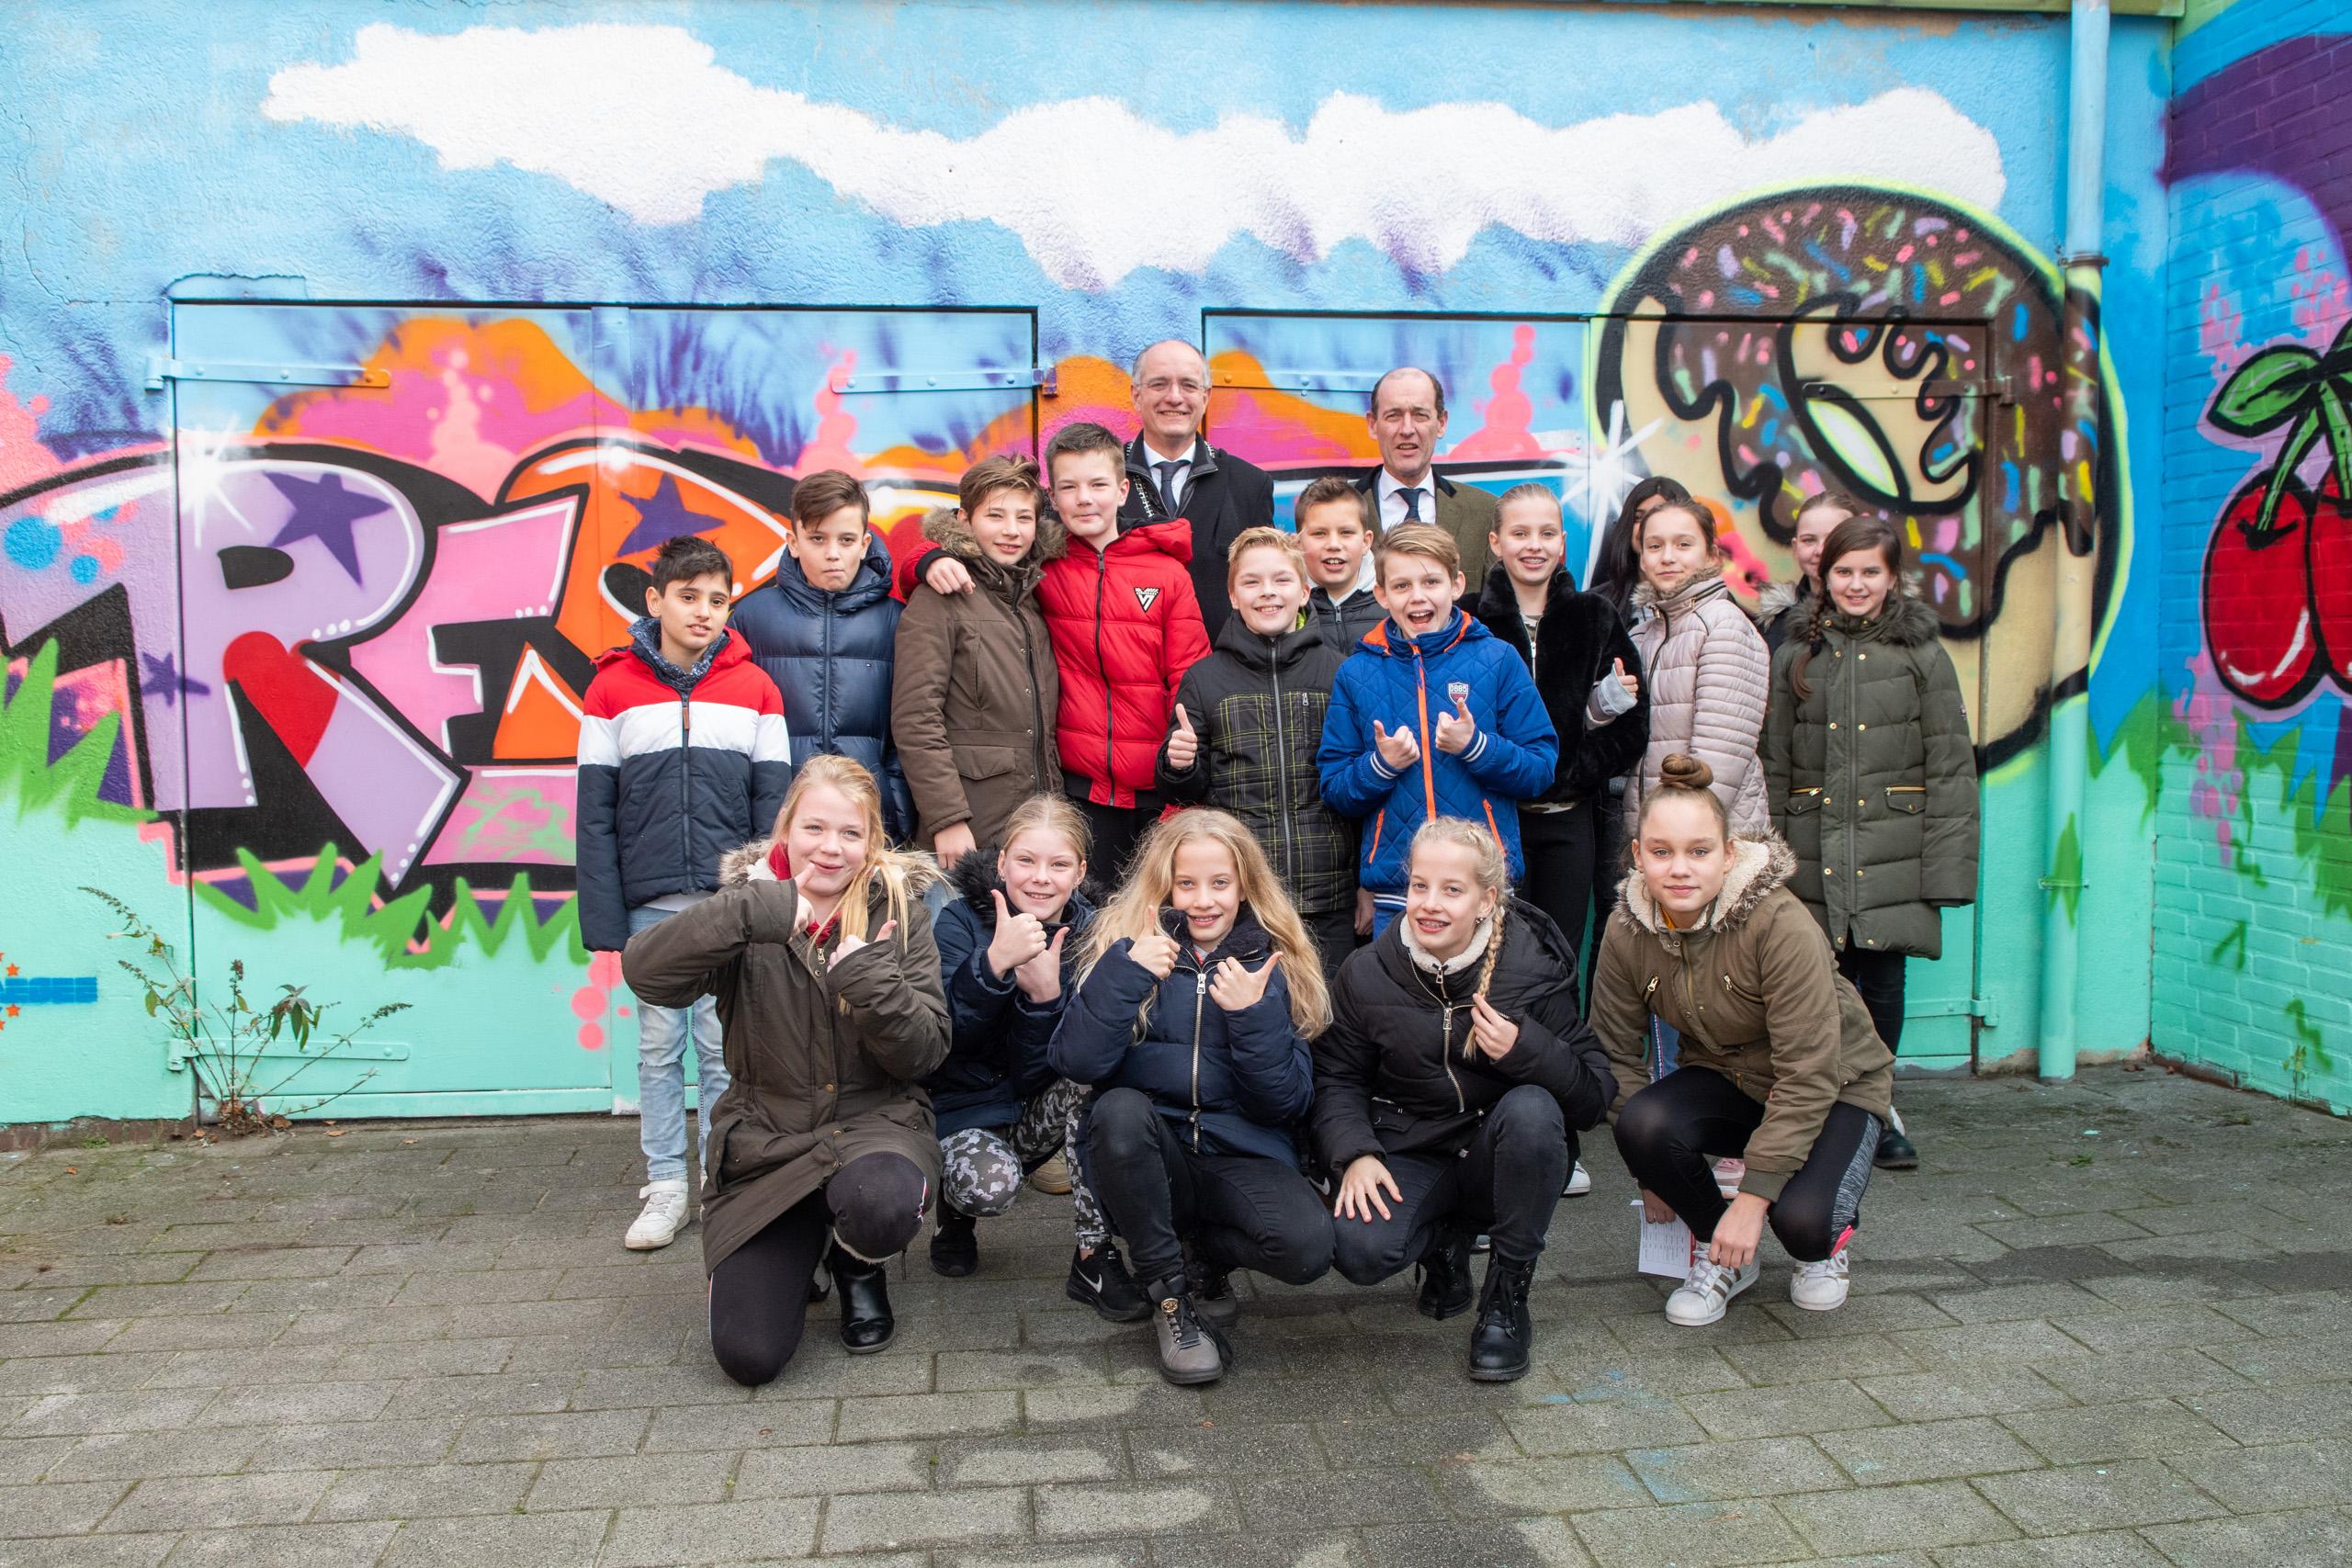 Burgemeesters bezoeken Stichting Move project!